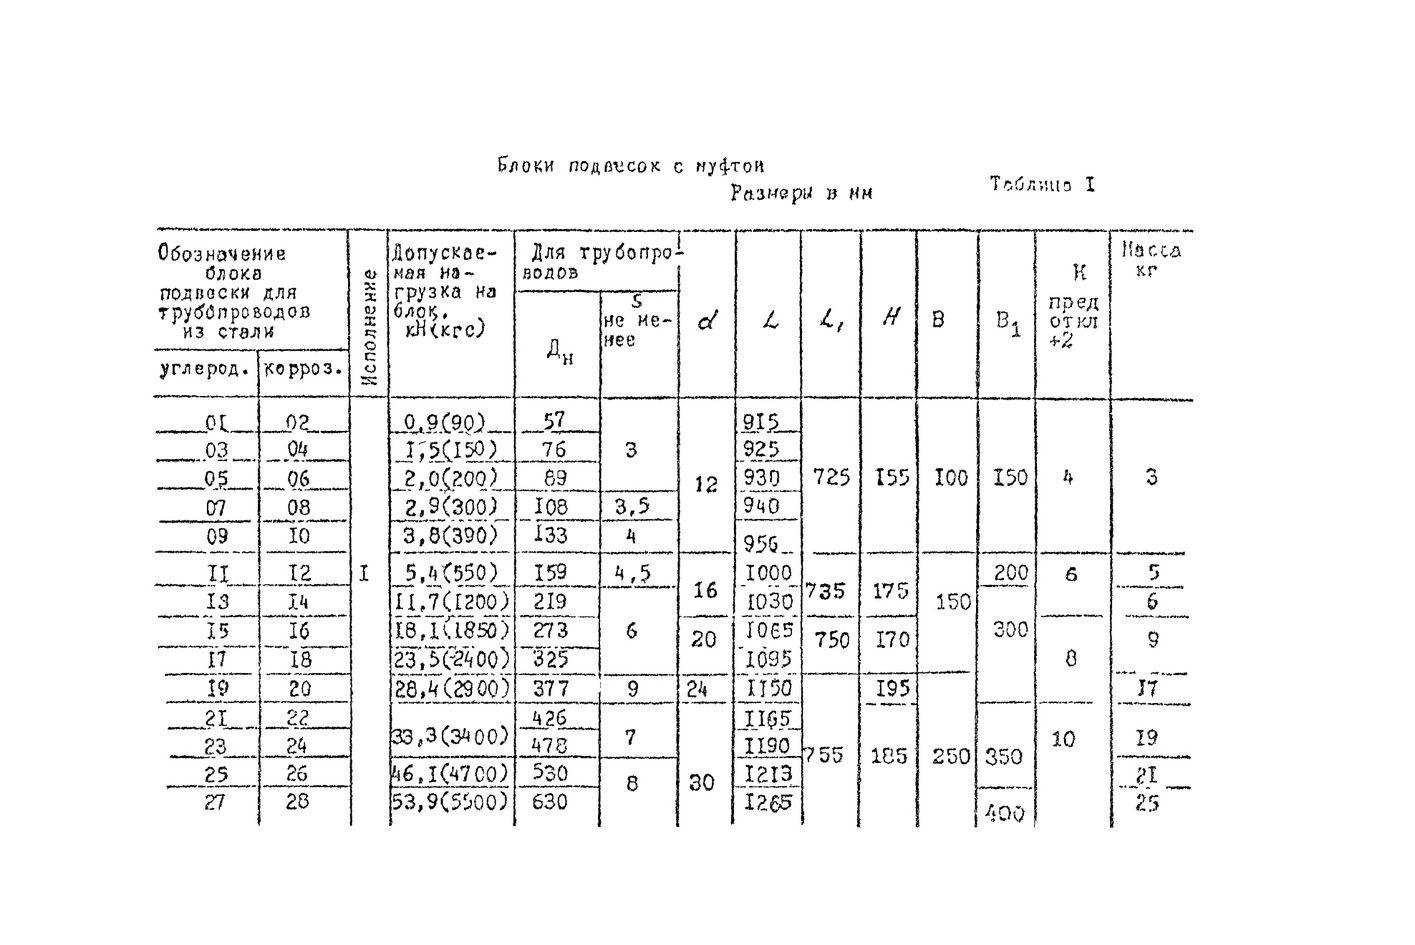 Блоки подвесок приварные для горизонтальных трубопроводов ОСТ 34-10-724-93 стр.3